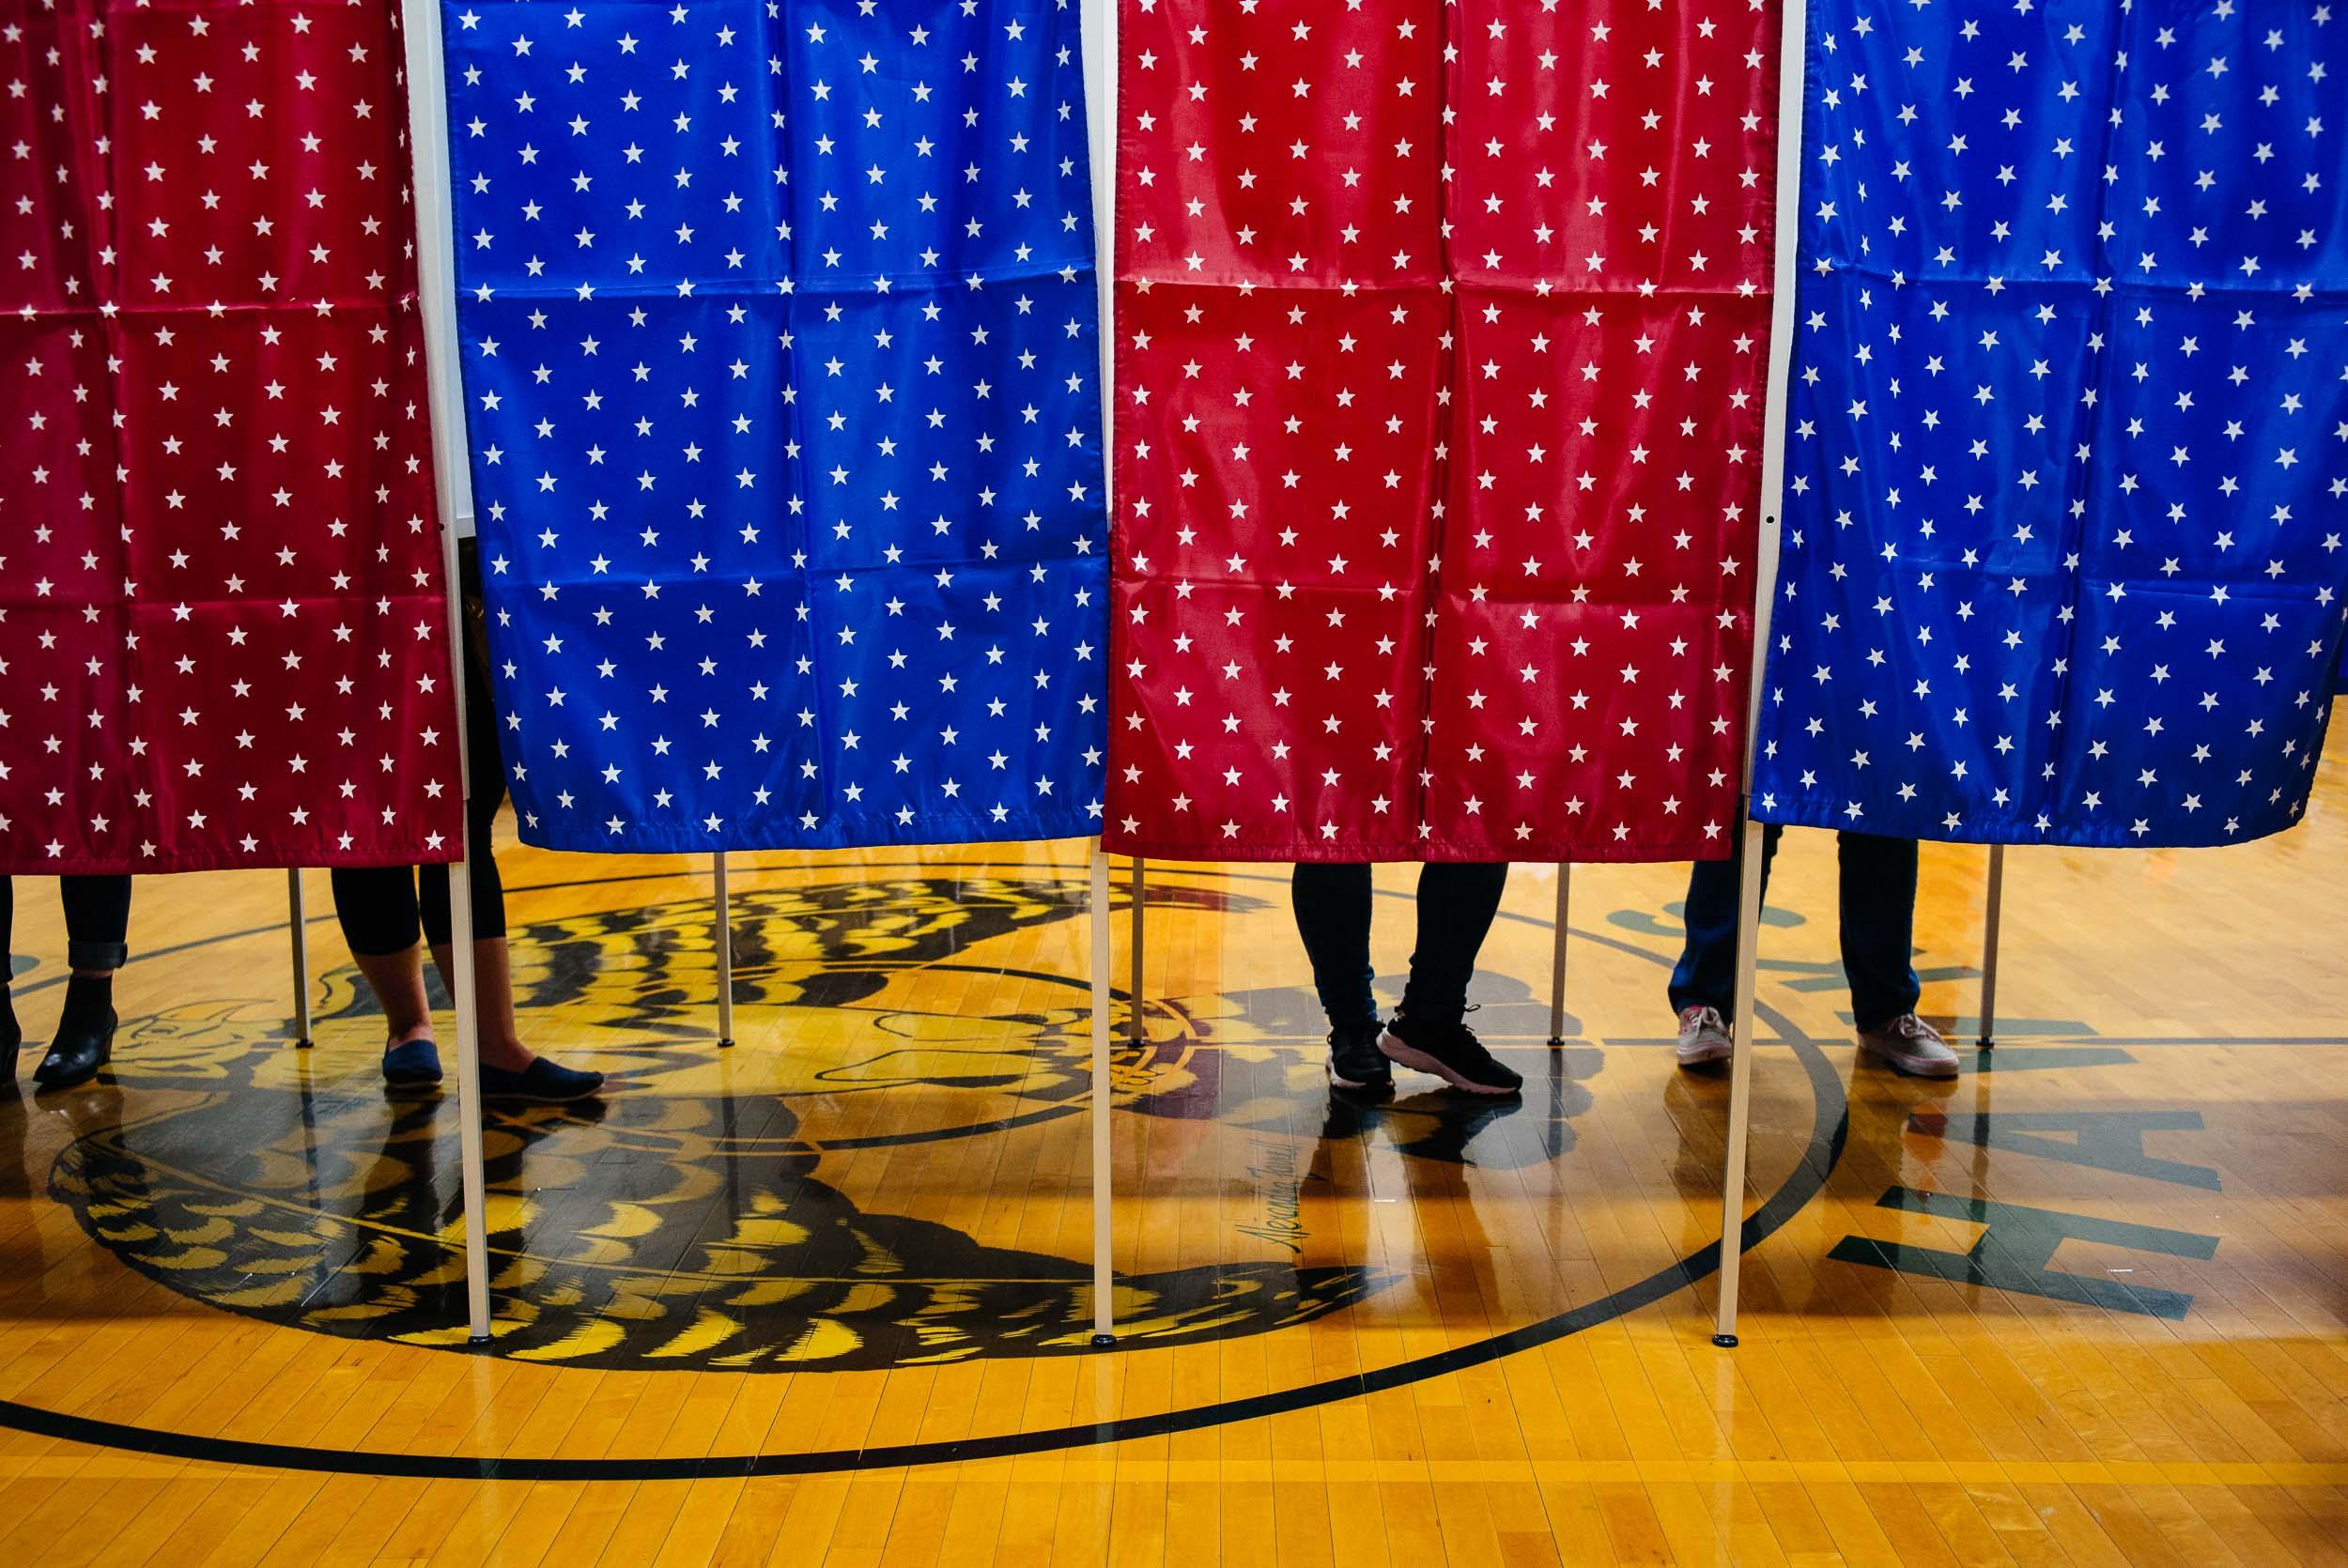 voting_NH_Nov2016_by_Lomanno_0005_web.jpg